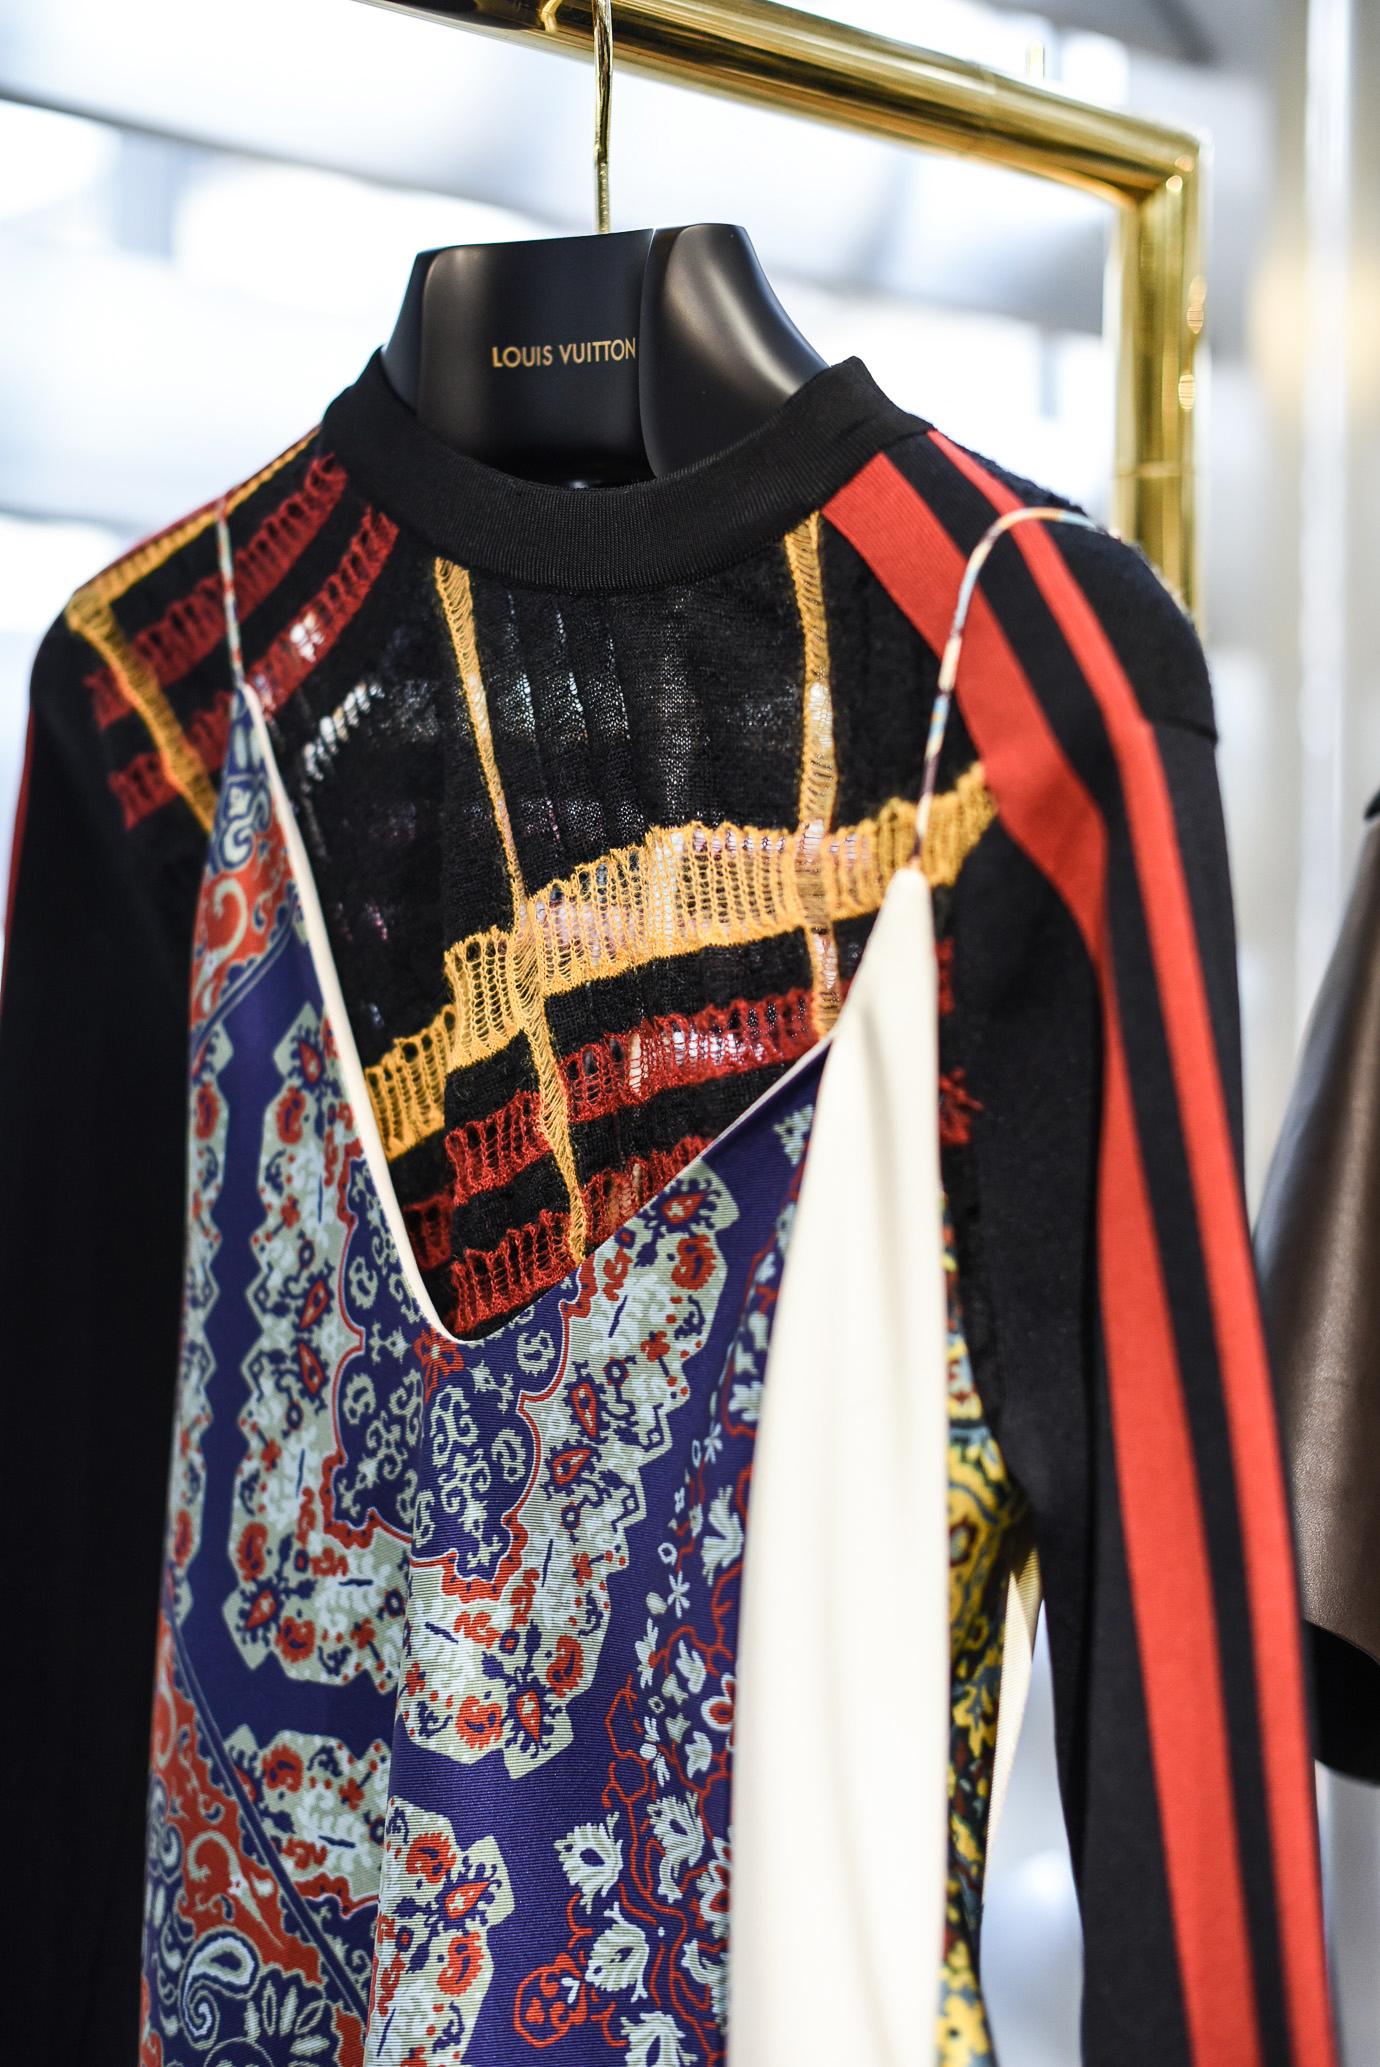 Louis_Vuitton_AW_16_17_Collection_1